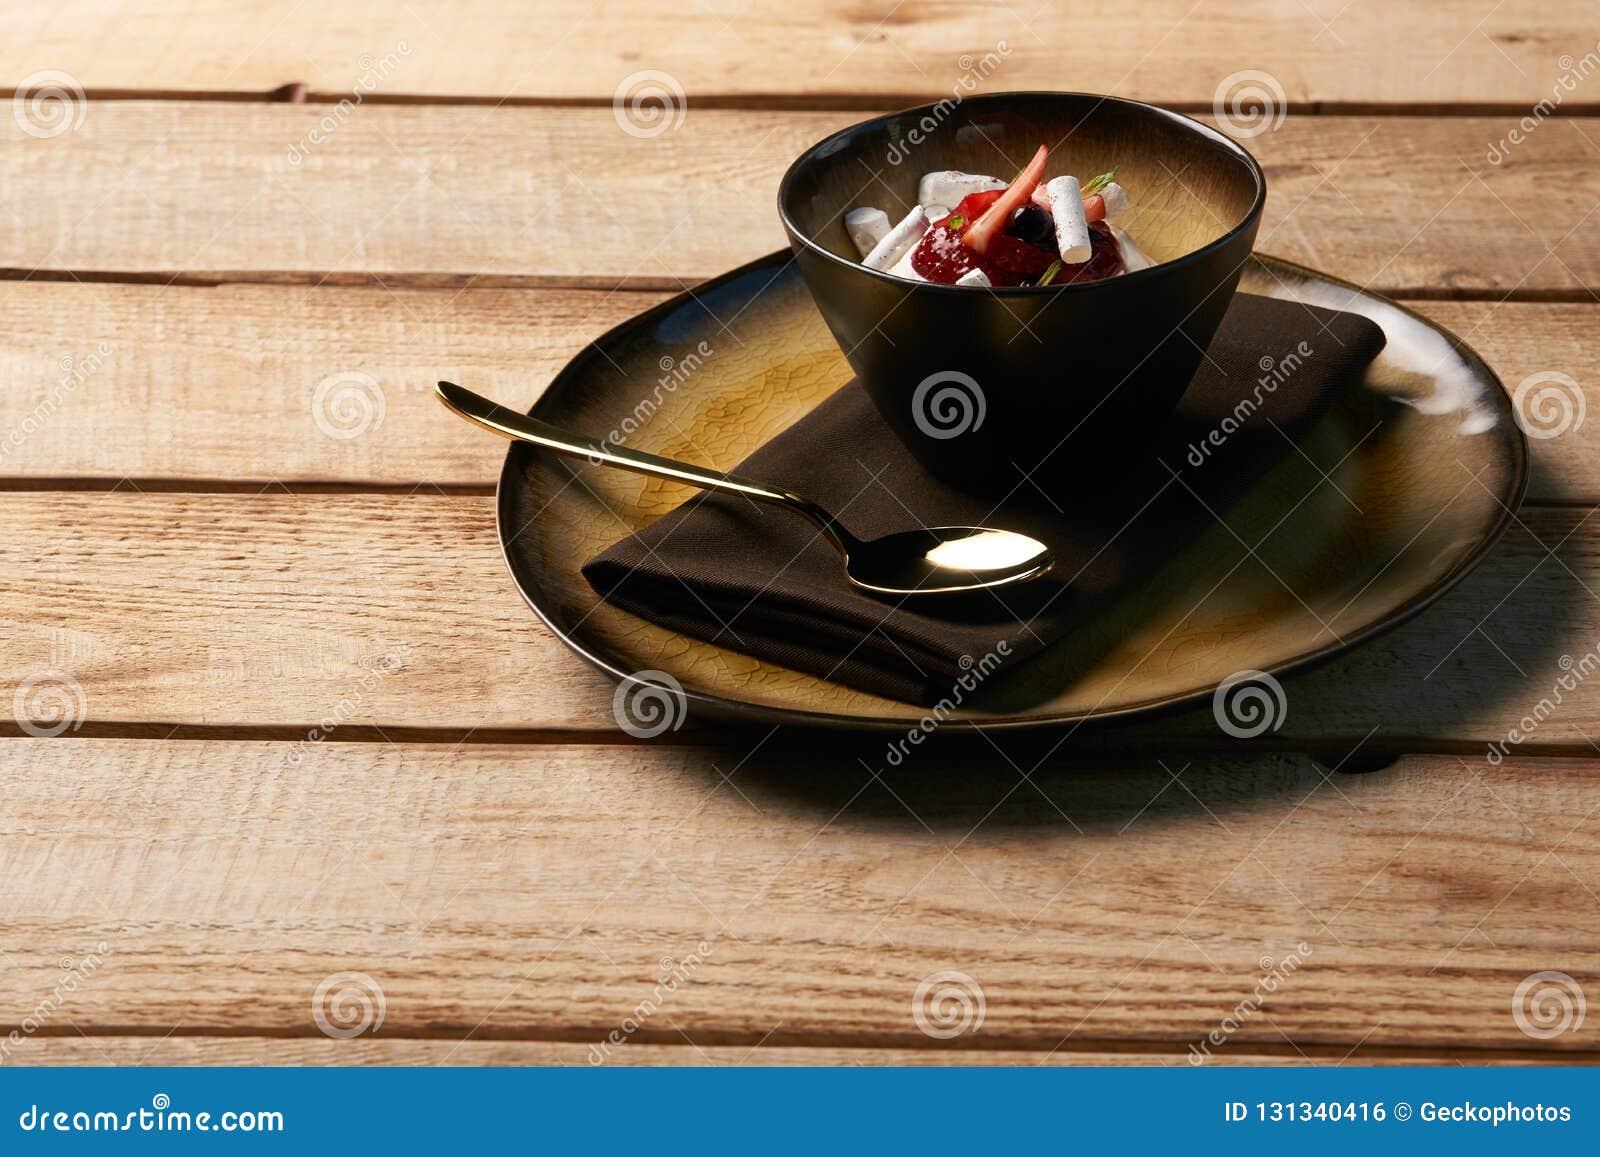 Εσθονικό γλυκό επιδόρπιο Kama με mousse γιαουρτιού, άγρια μούρα